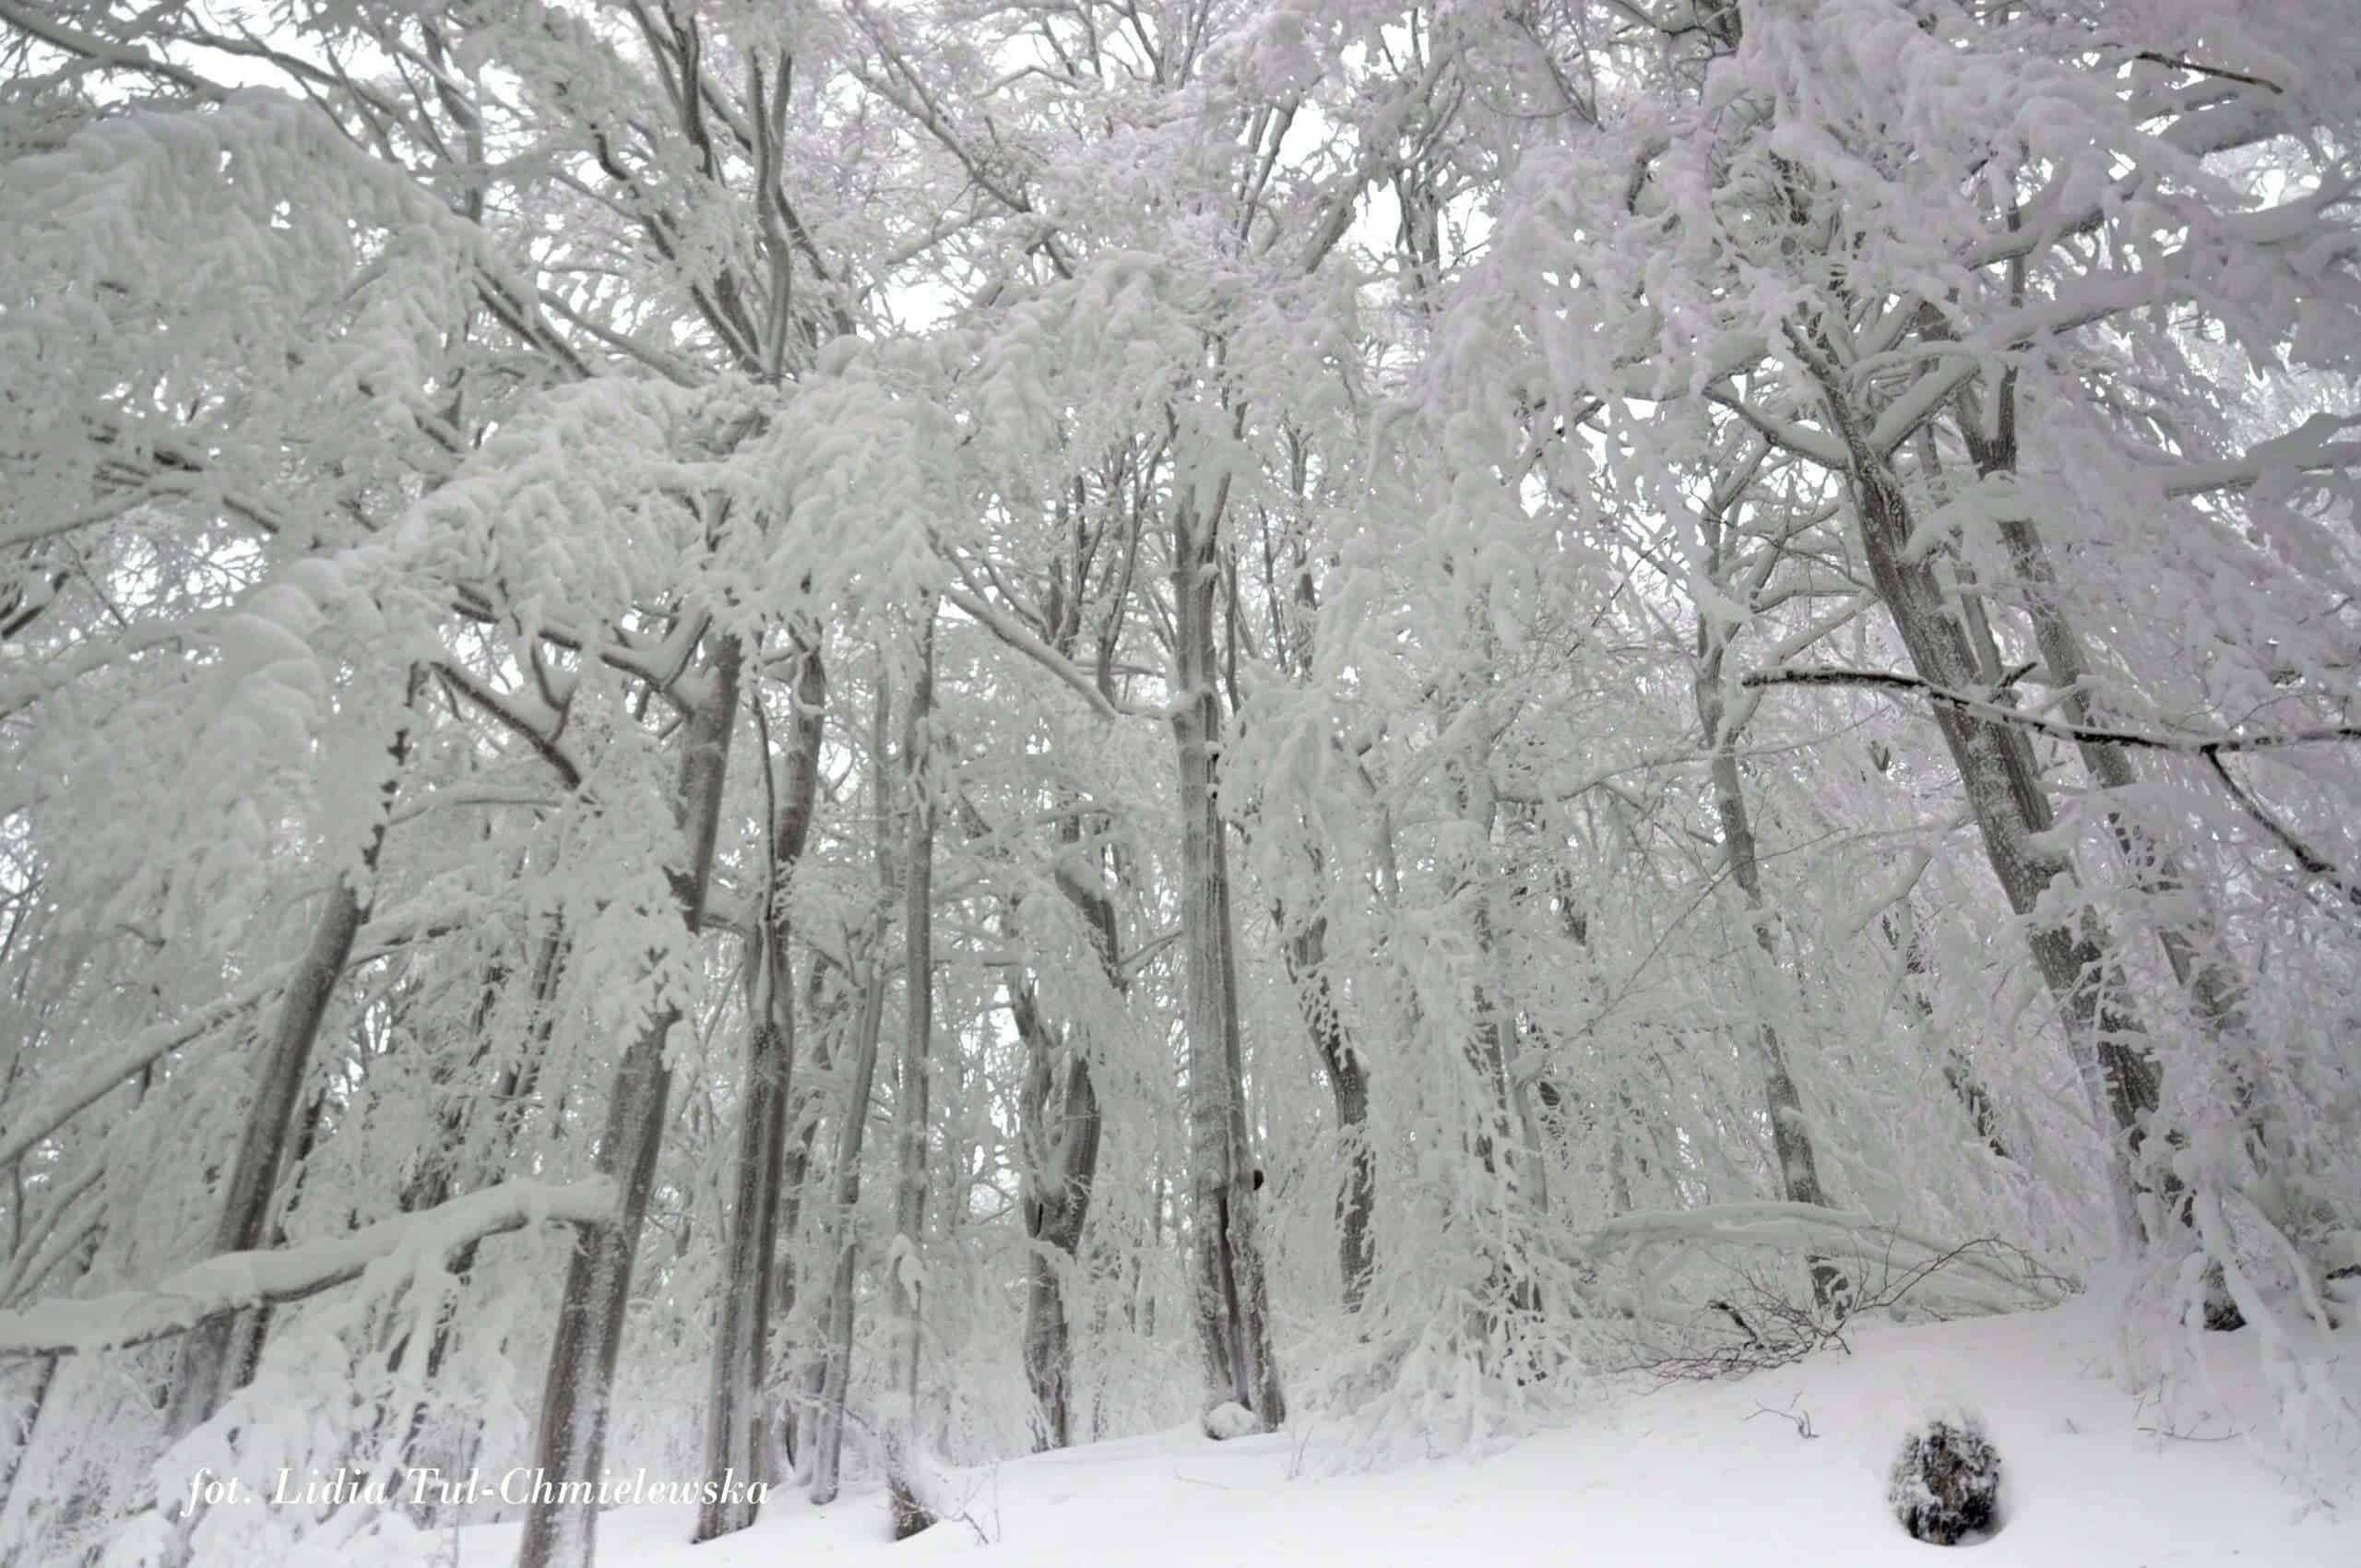 Piekno zimy w Bieszczadach fot. Lidia Tul-Chmielewska